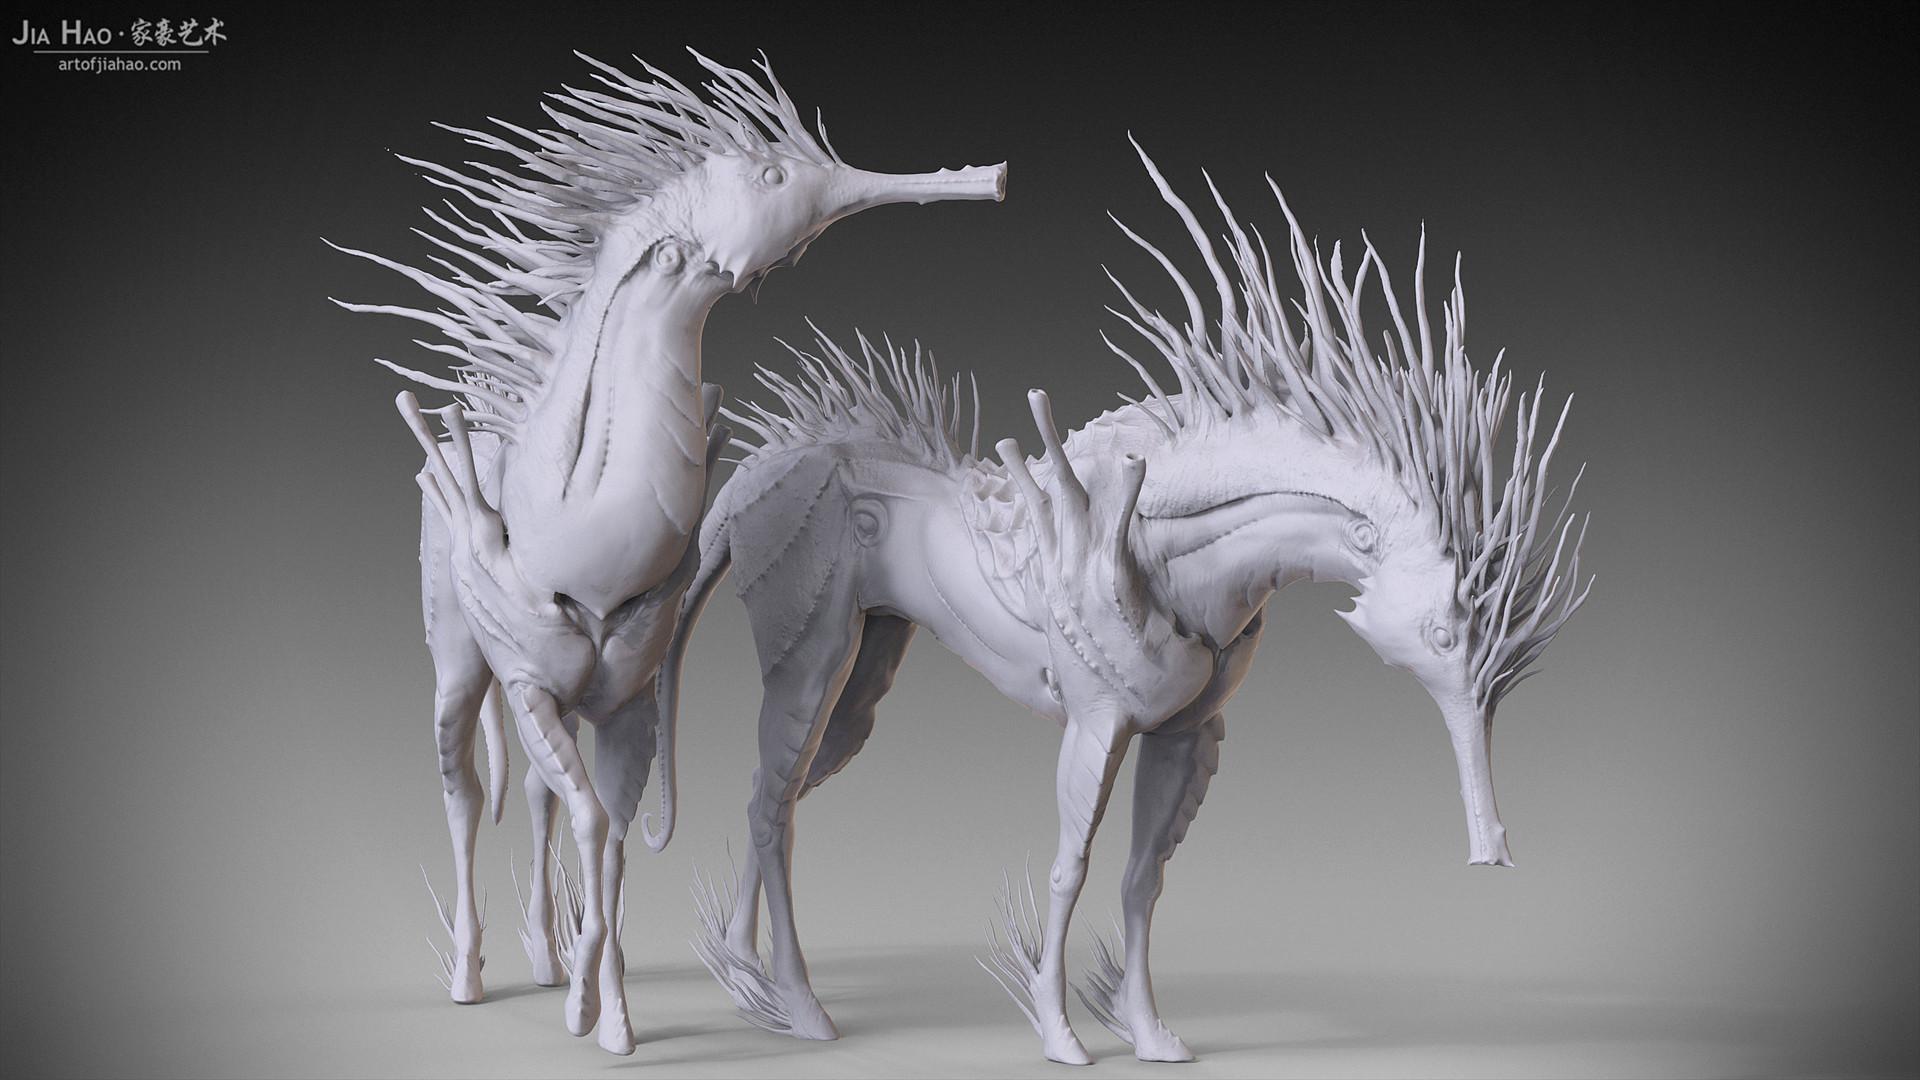 Jia hao 2017 alassya digalsculpting 04